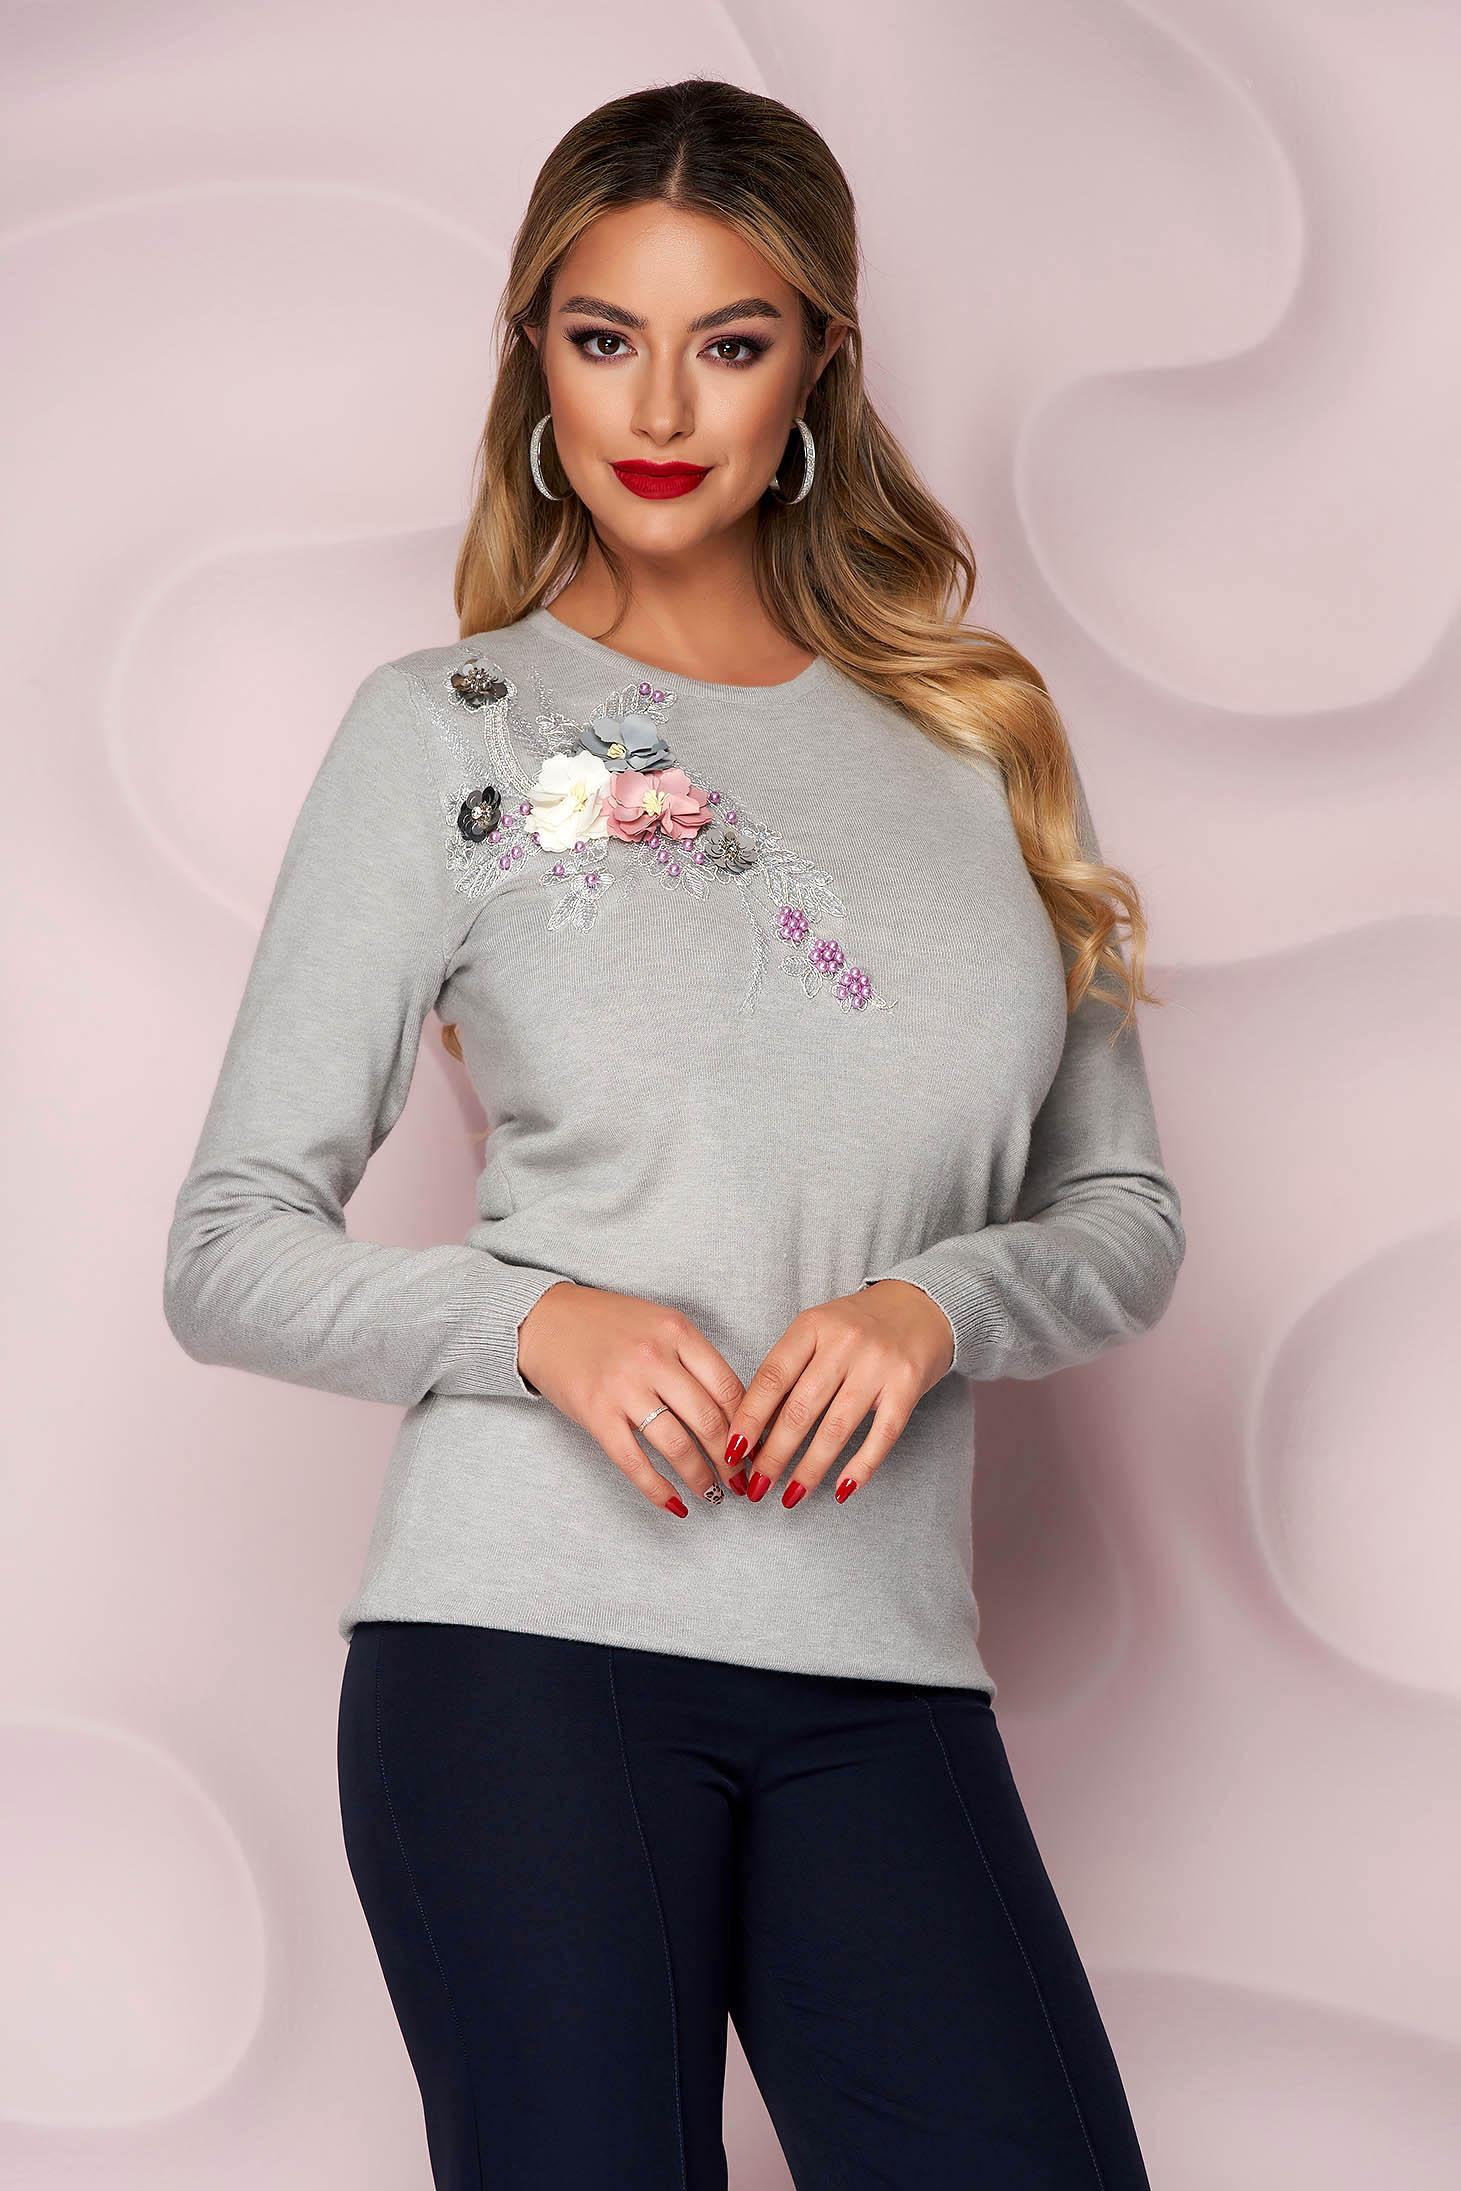 Pulover Lady Pandora gri tricotat cu croi larg cu flori in relief cu efect 3d